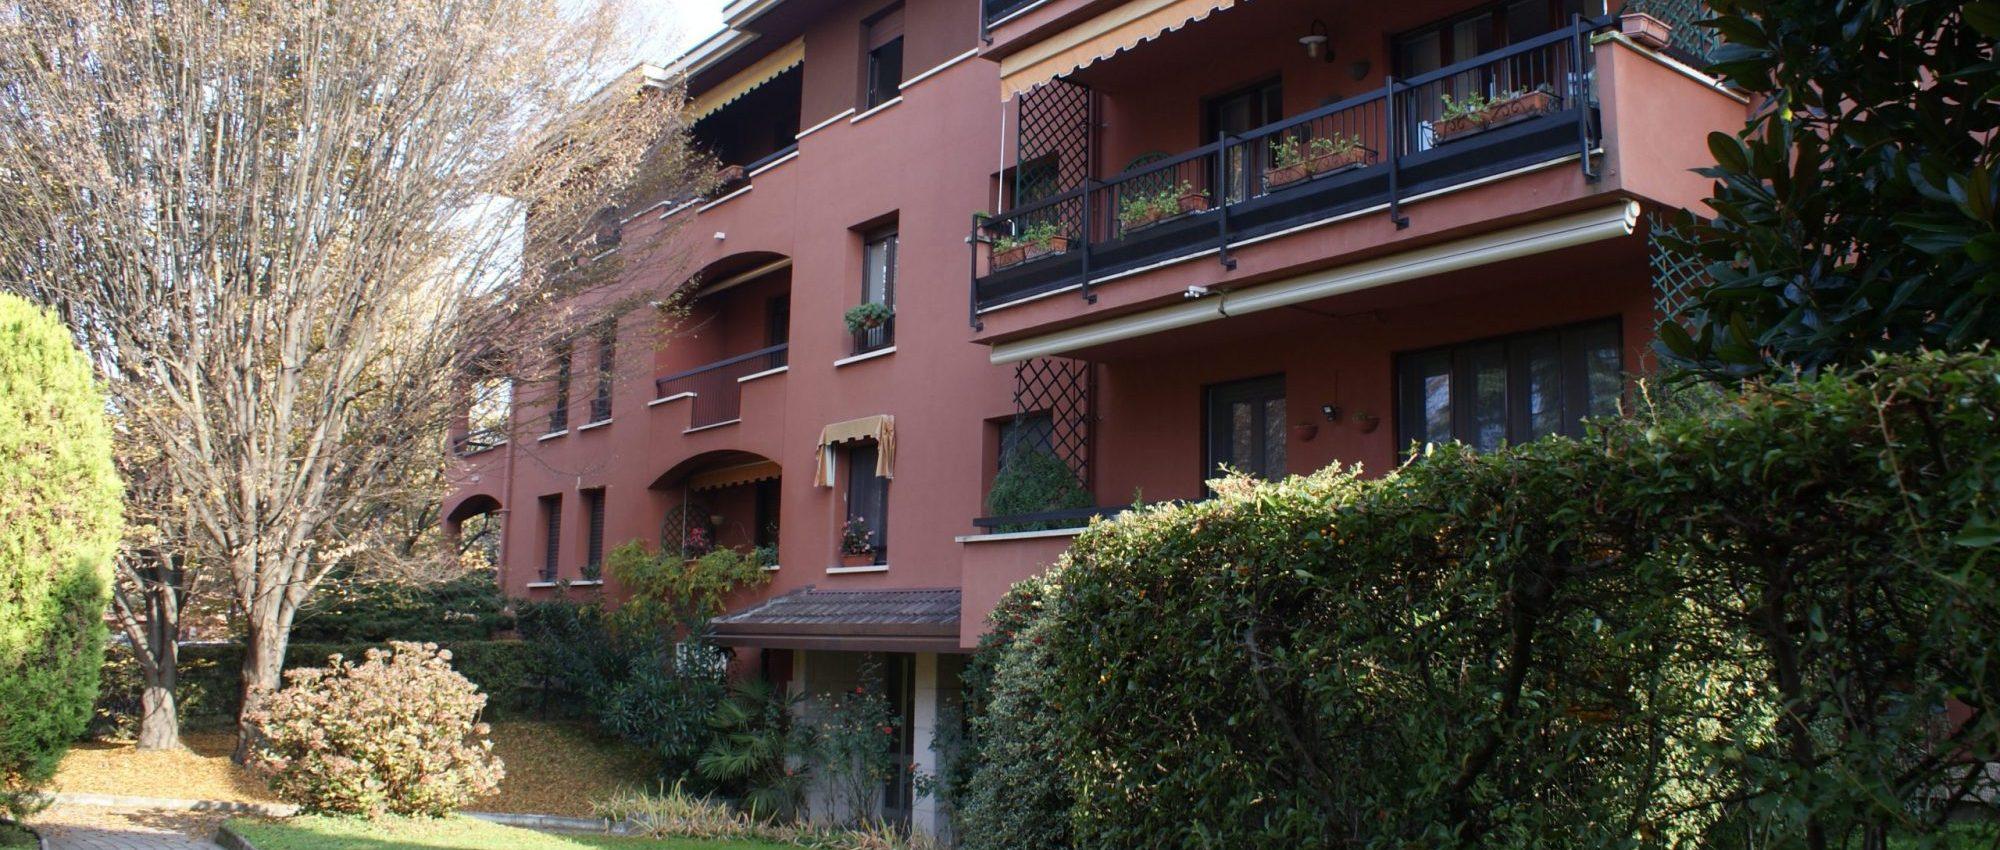 ARESE – 4 Locali, doppi servizi, box doppio, ben arredato